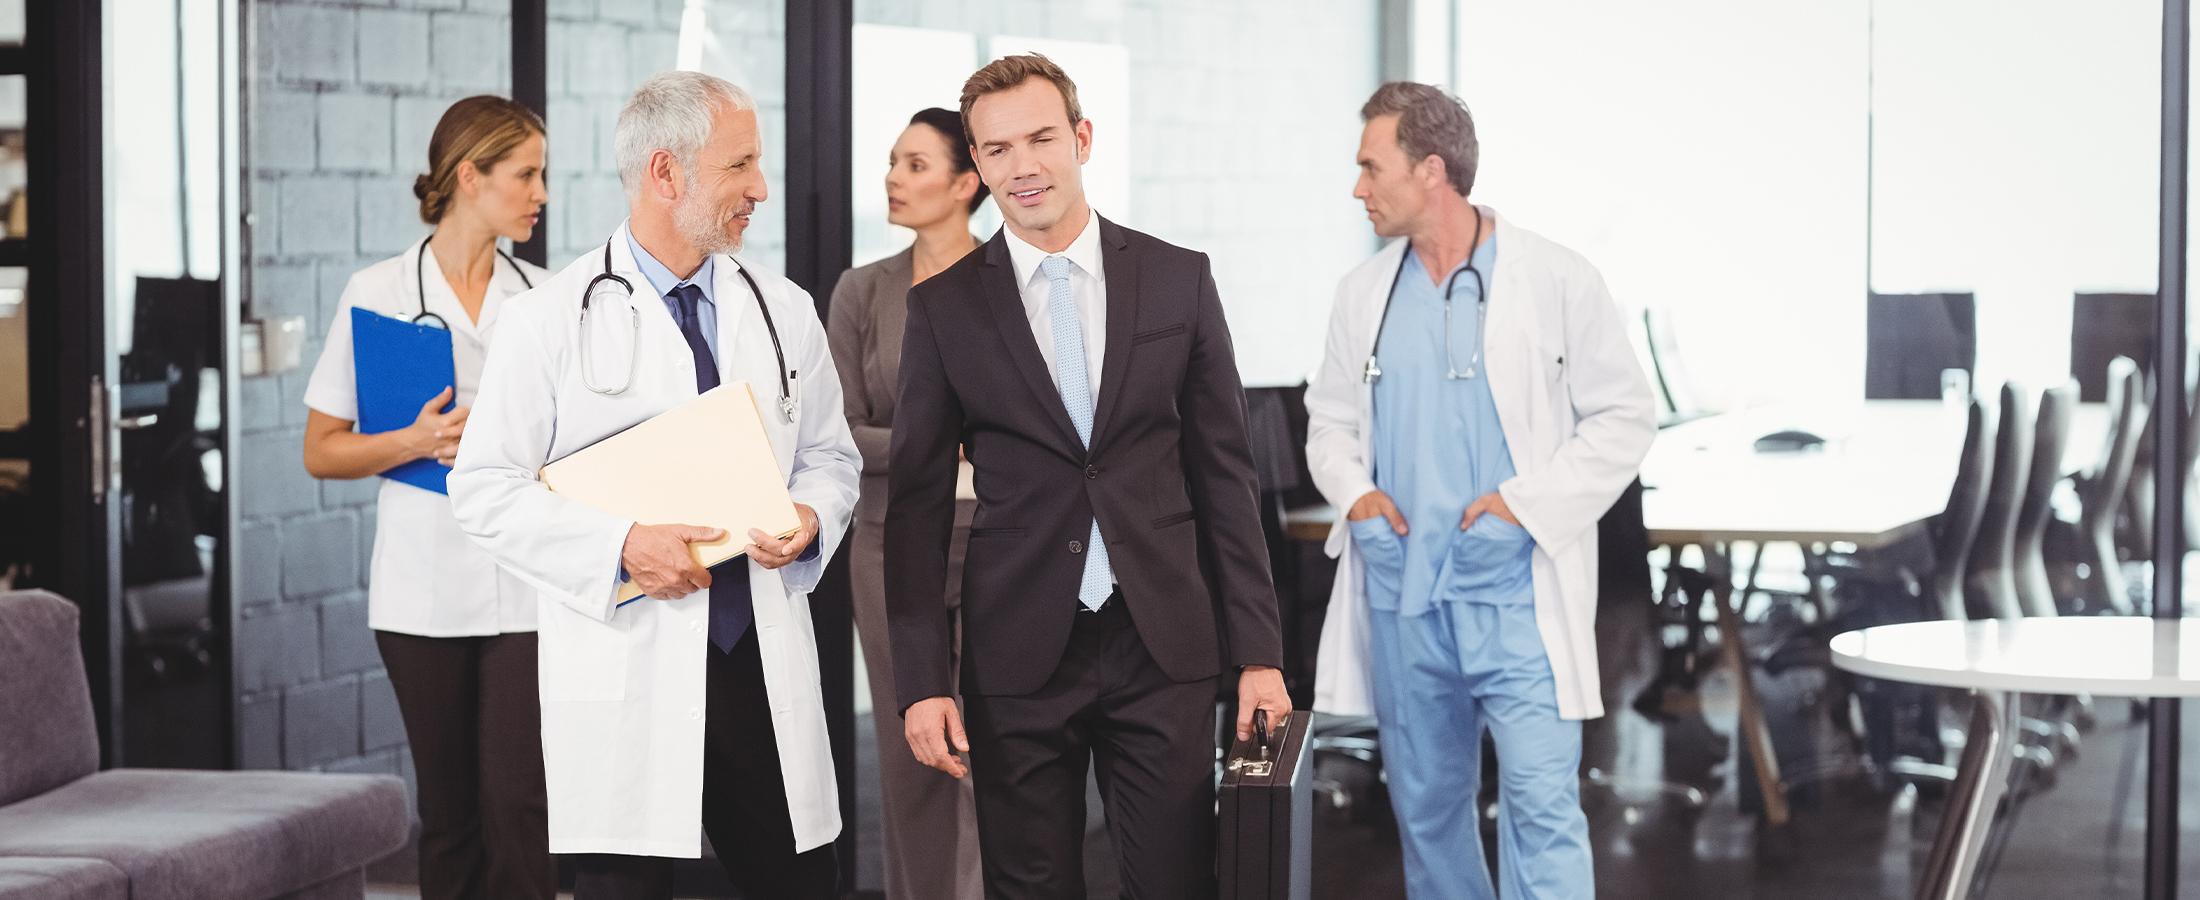 Waarom een bedrijfskundige en geneeskundige elkaar niet begrijpen